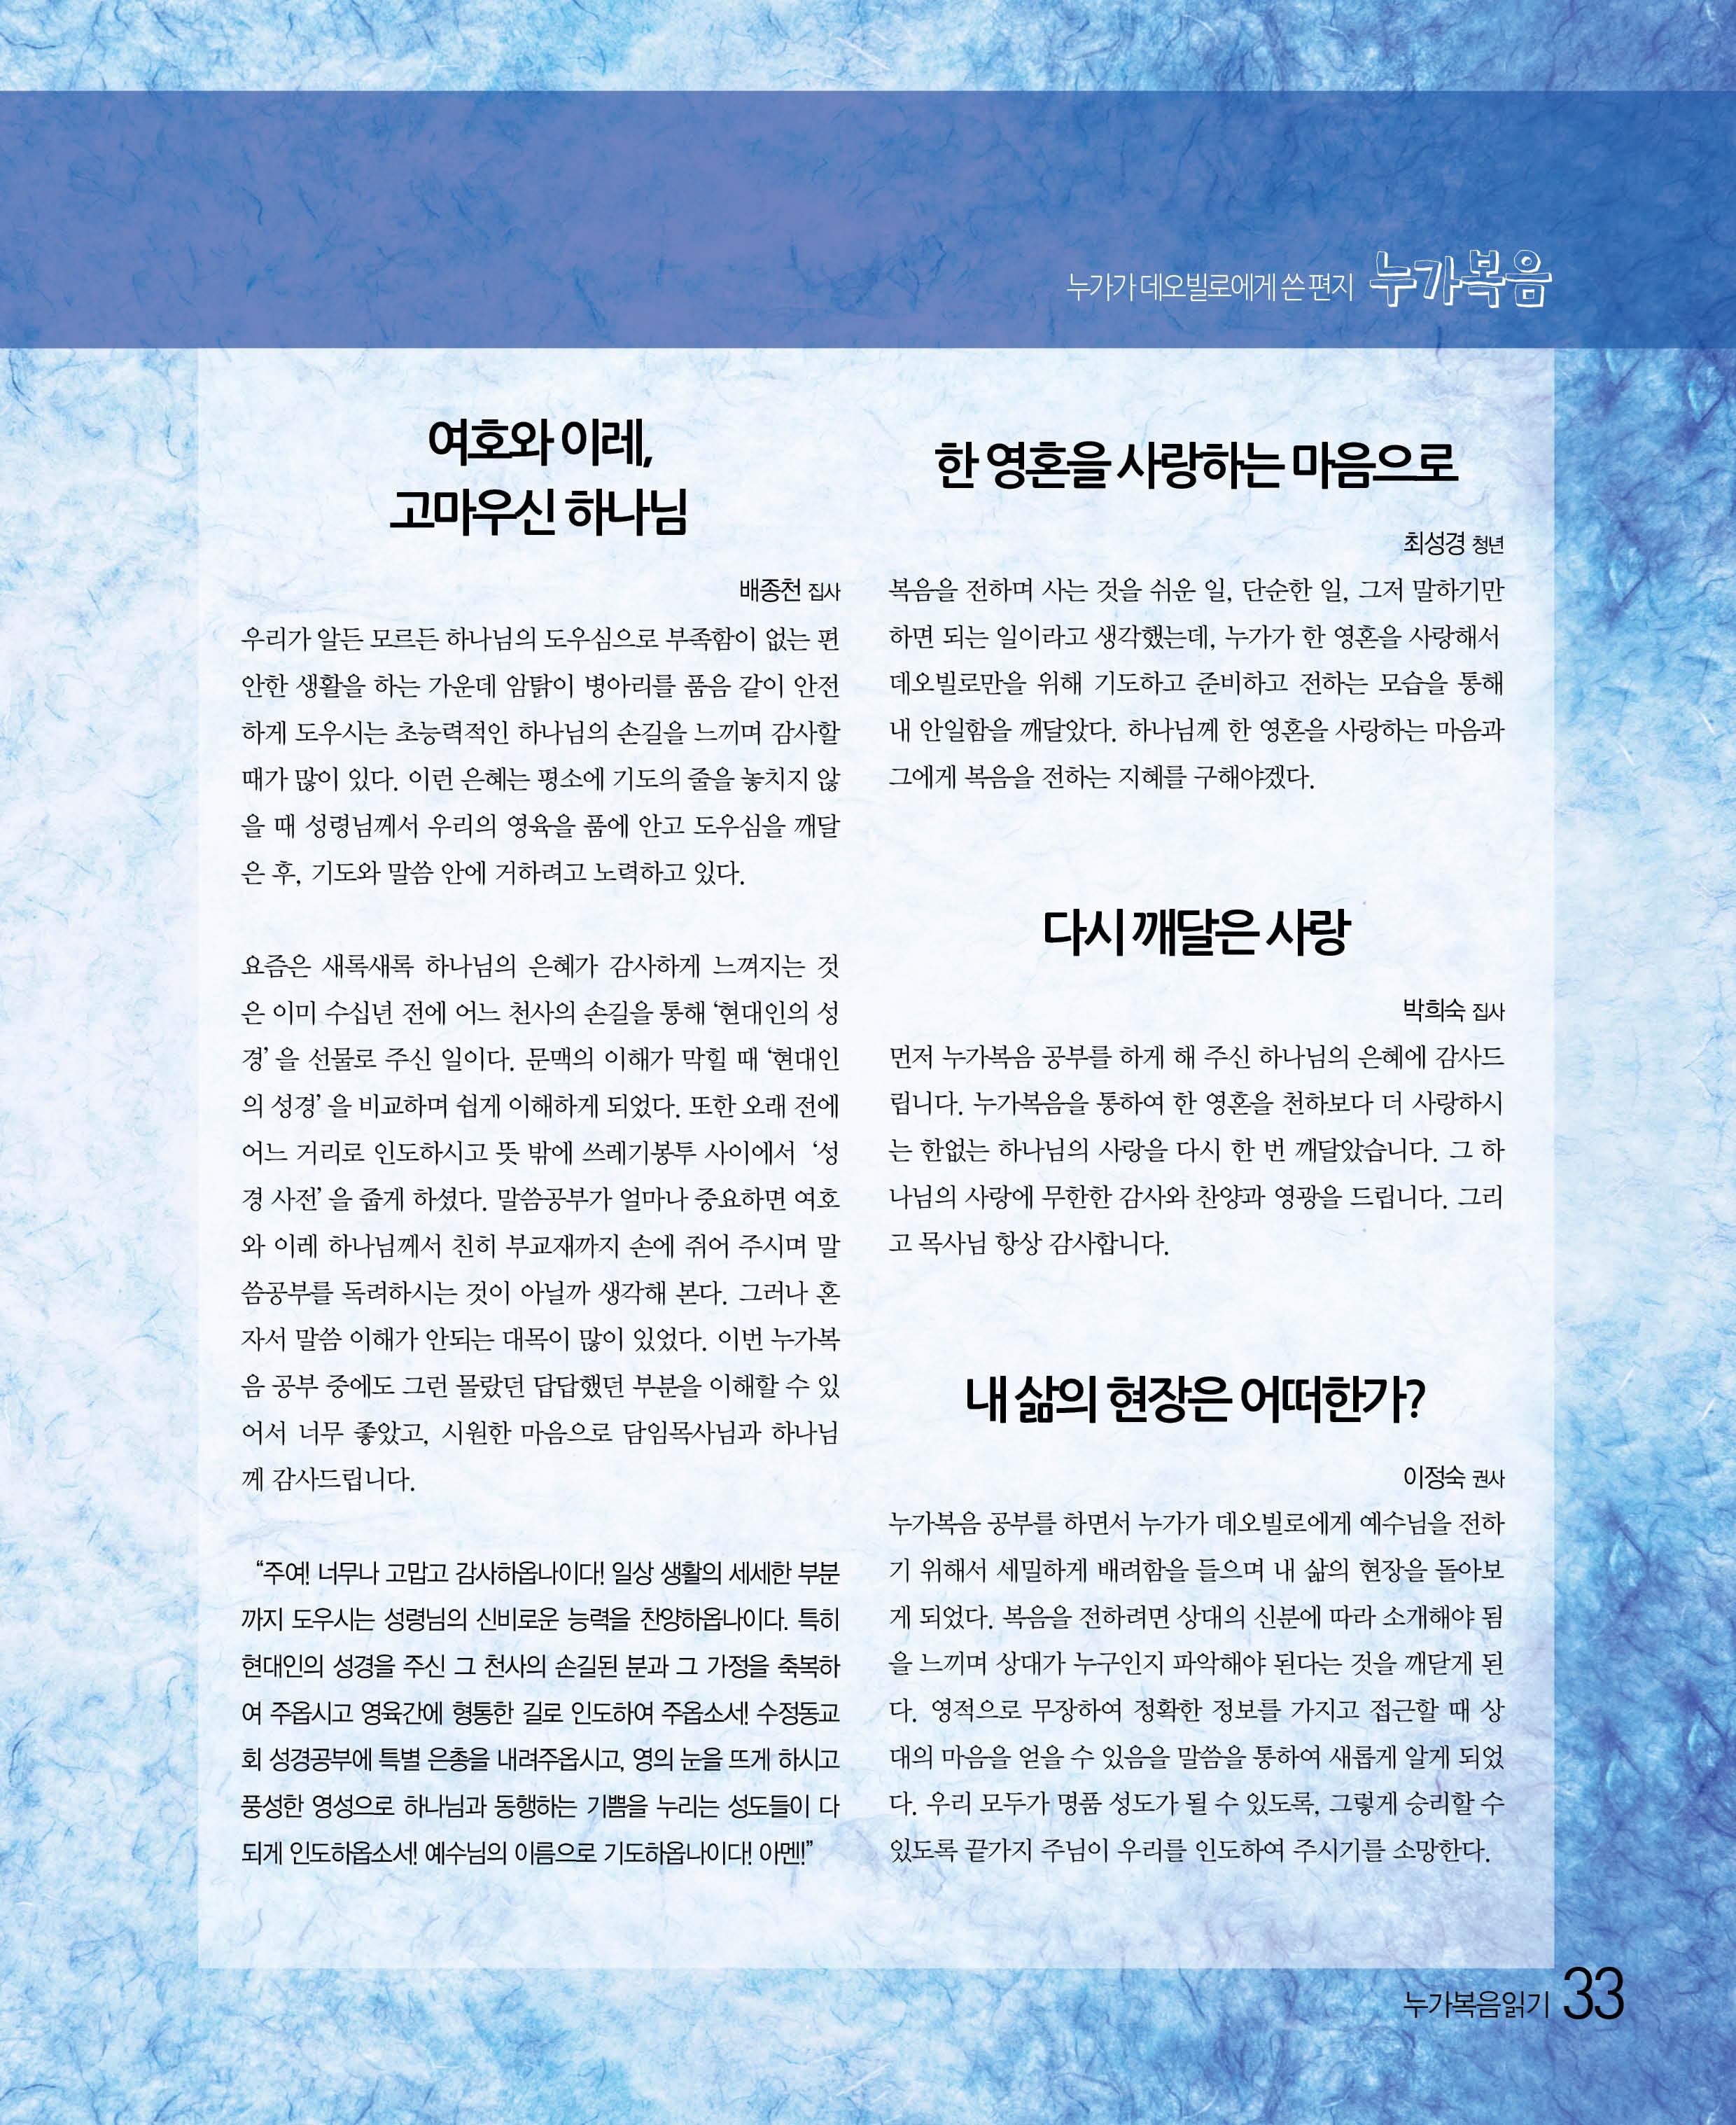 21호소식지33.jpg